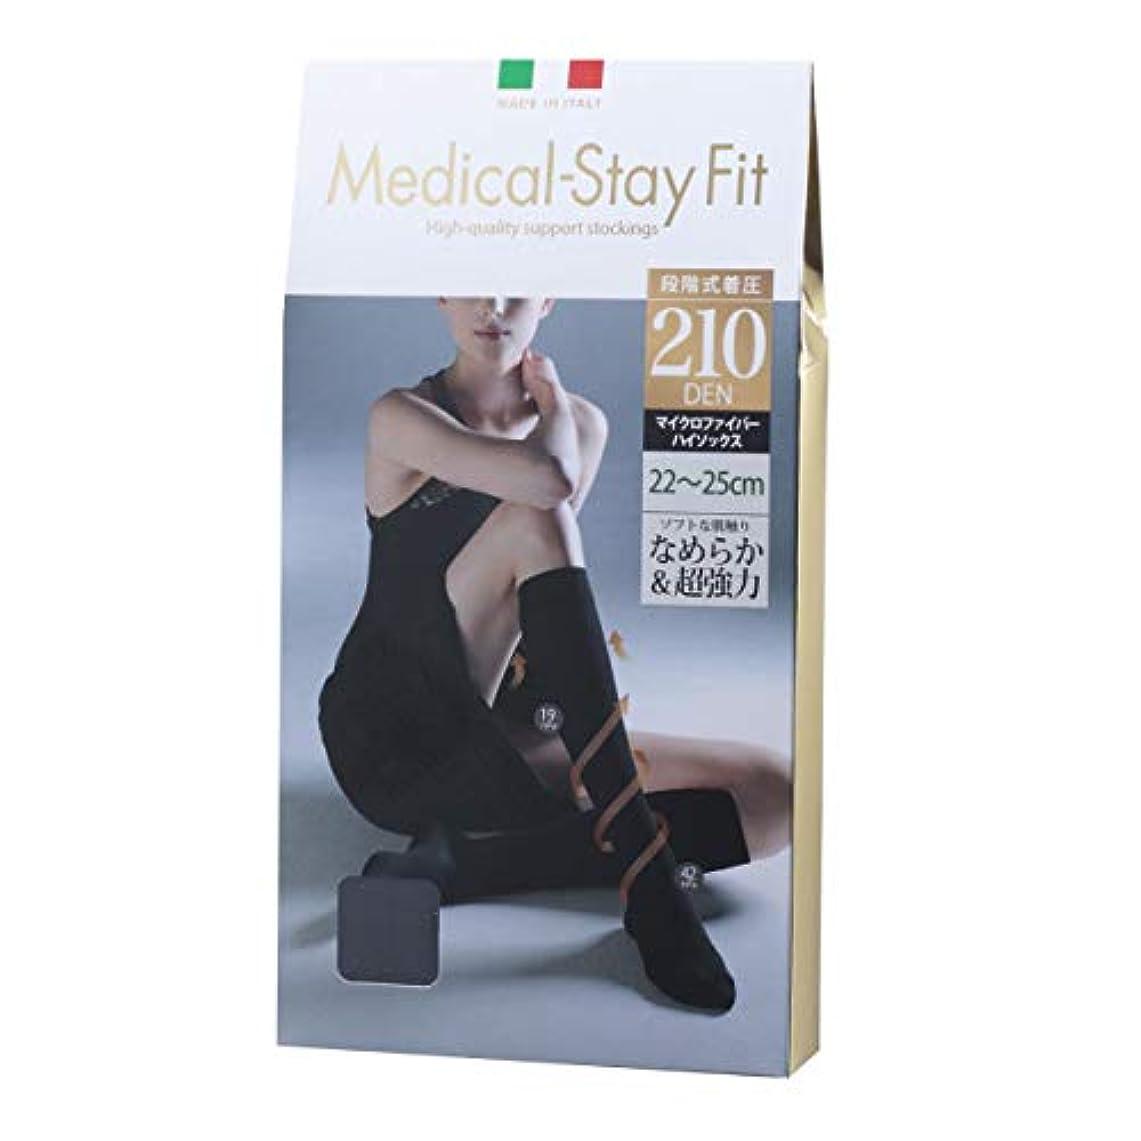 正しく香ばしい安息【メディカル ステイフィット】着圧マイクロファイバーハイソックス 210デニール ブラック (22-25cm)イタリア製 Medical-Stay Fit